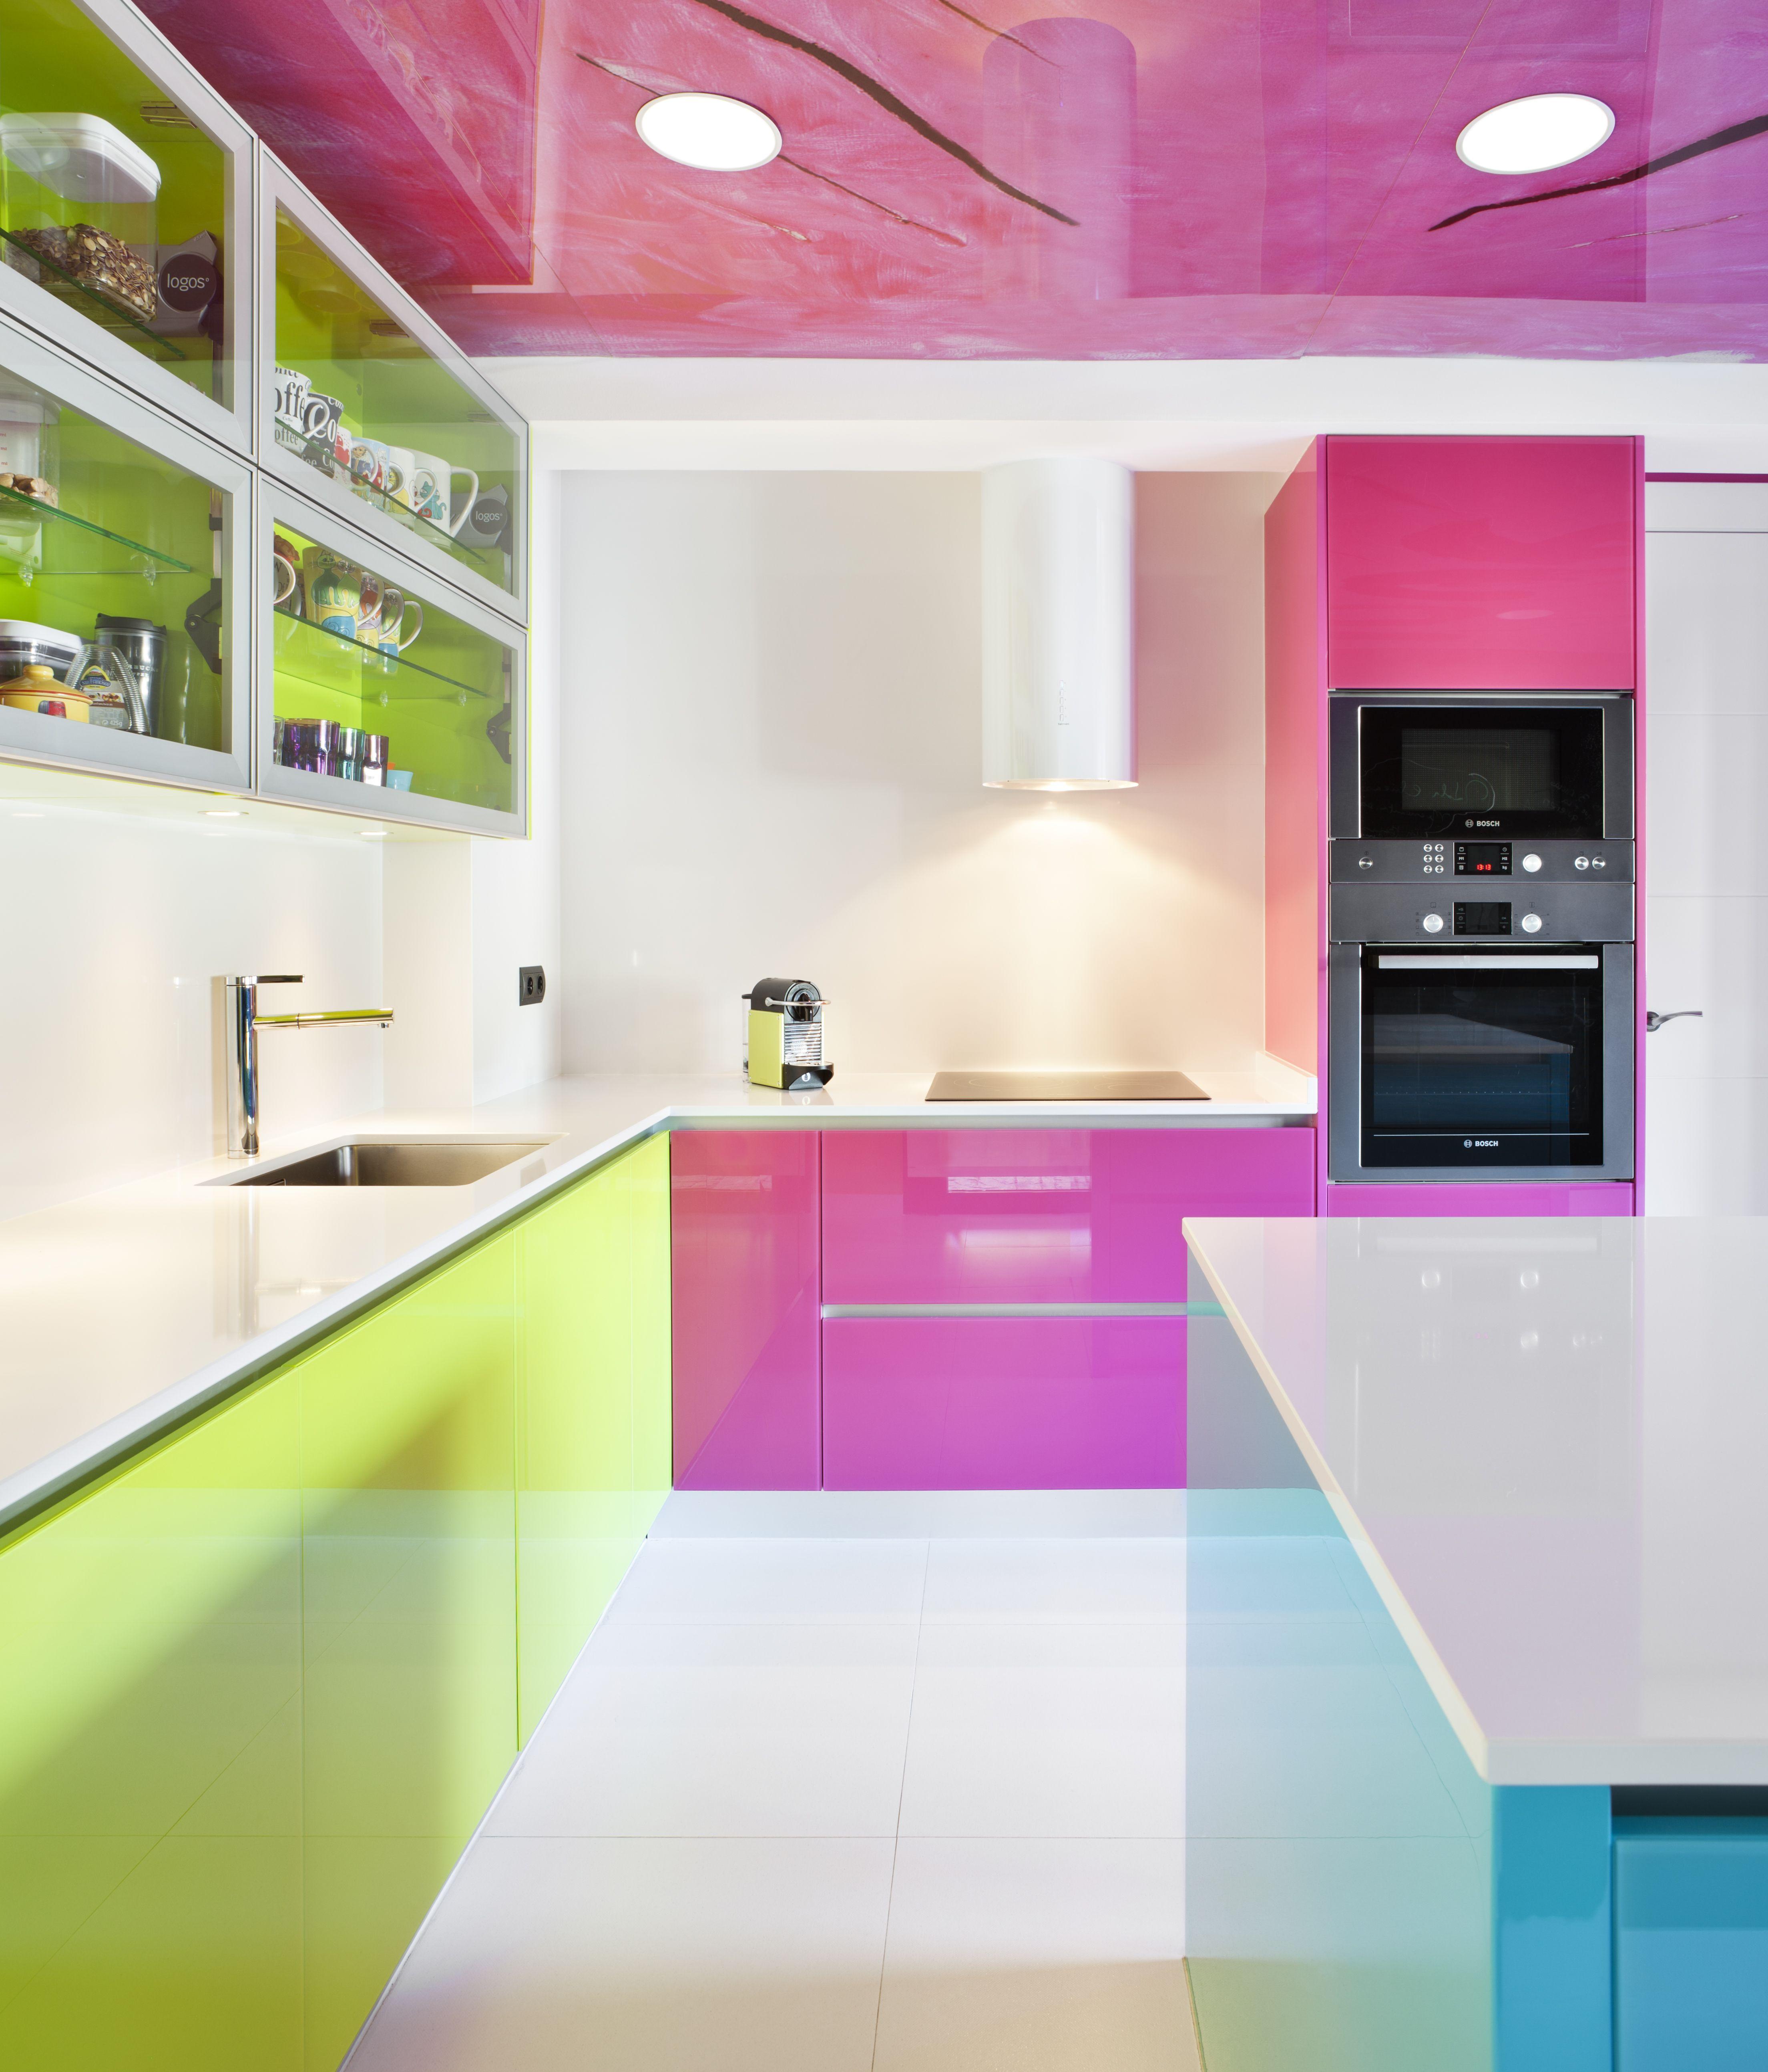 Moretti con logos el color en la cocina cristal lacado fucsia verde lima y azul cielo - Cocinas rosa fucsia ...